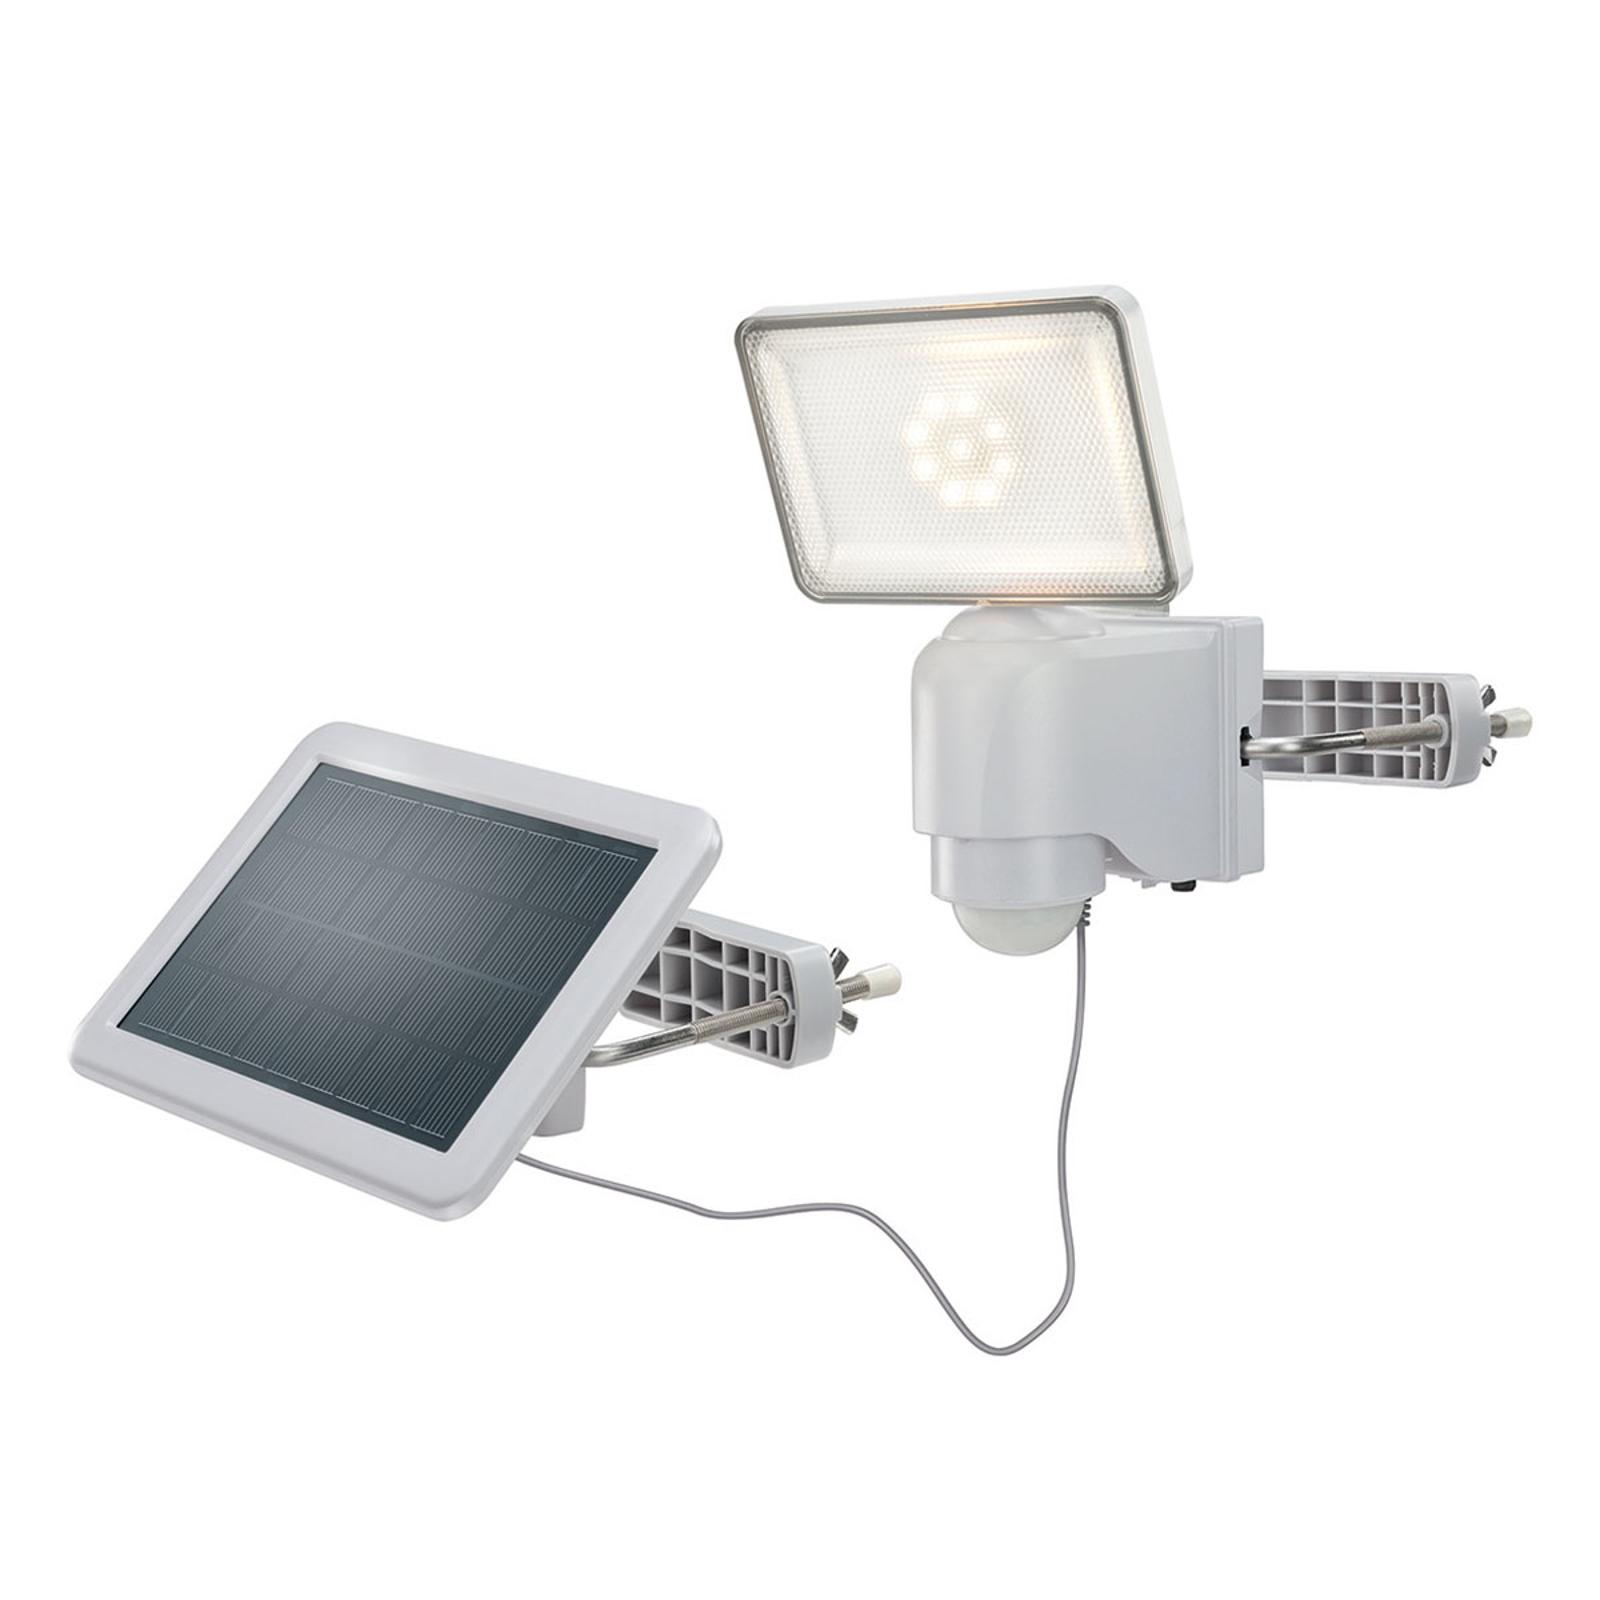 Solcelledrevet LED-spot Power, 500 lm, IR-sensor